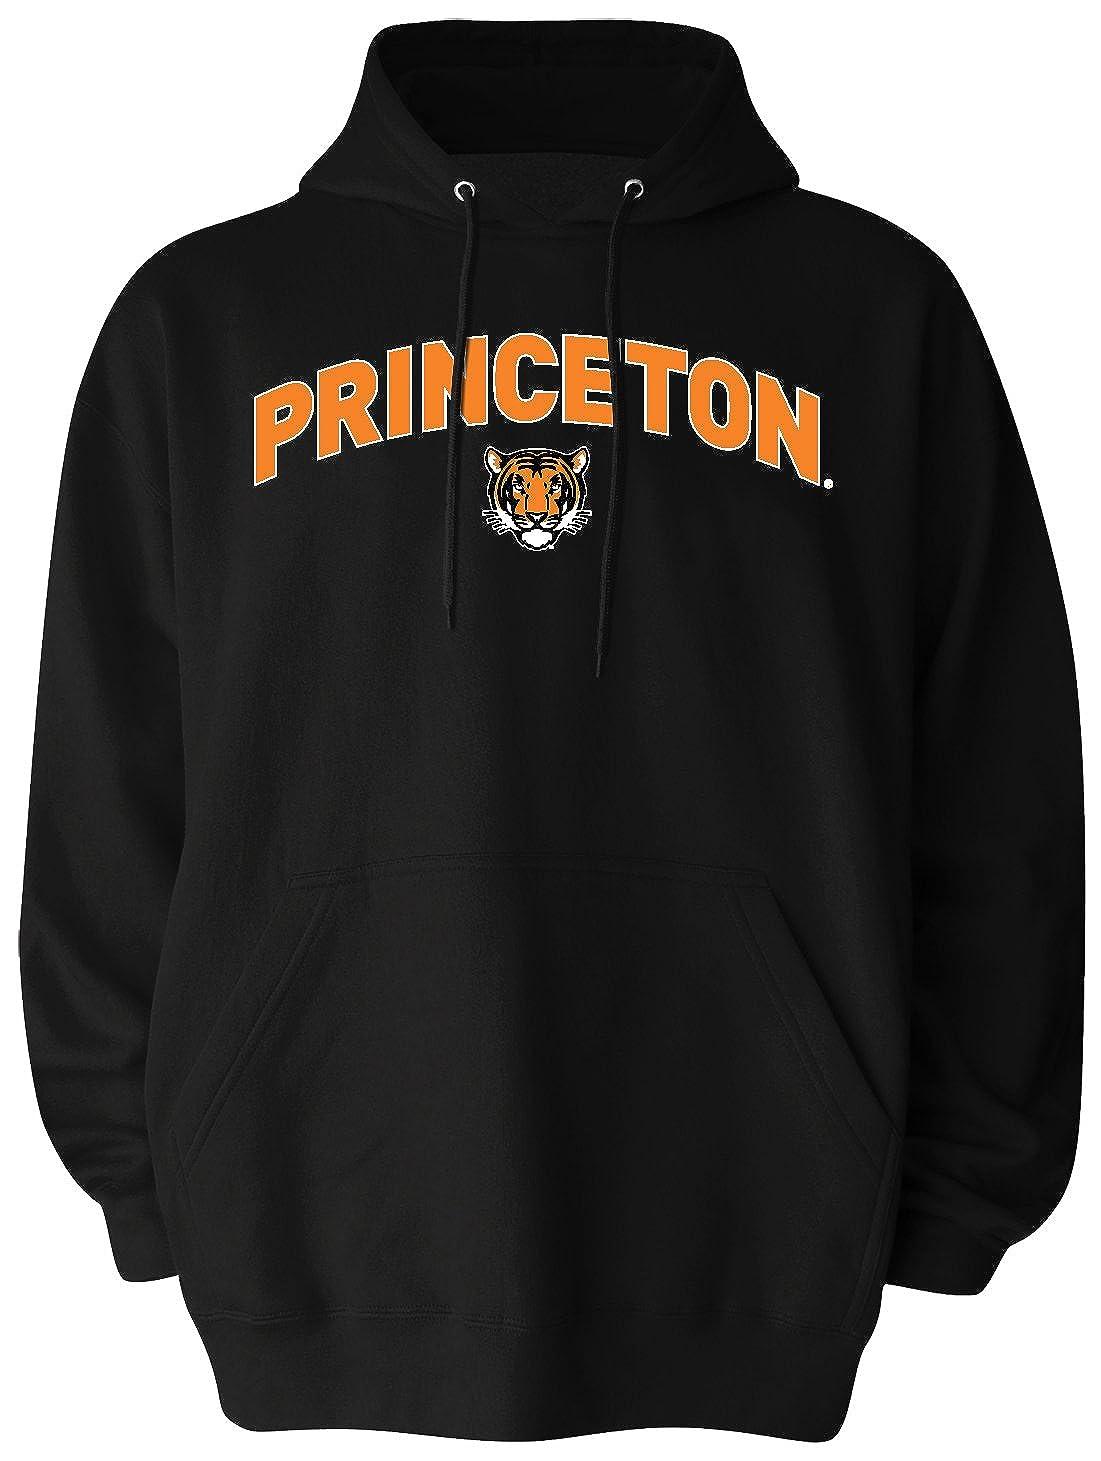 Old Varsity Brand NCAA Mens Pullover Hood